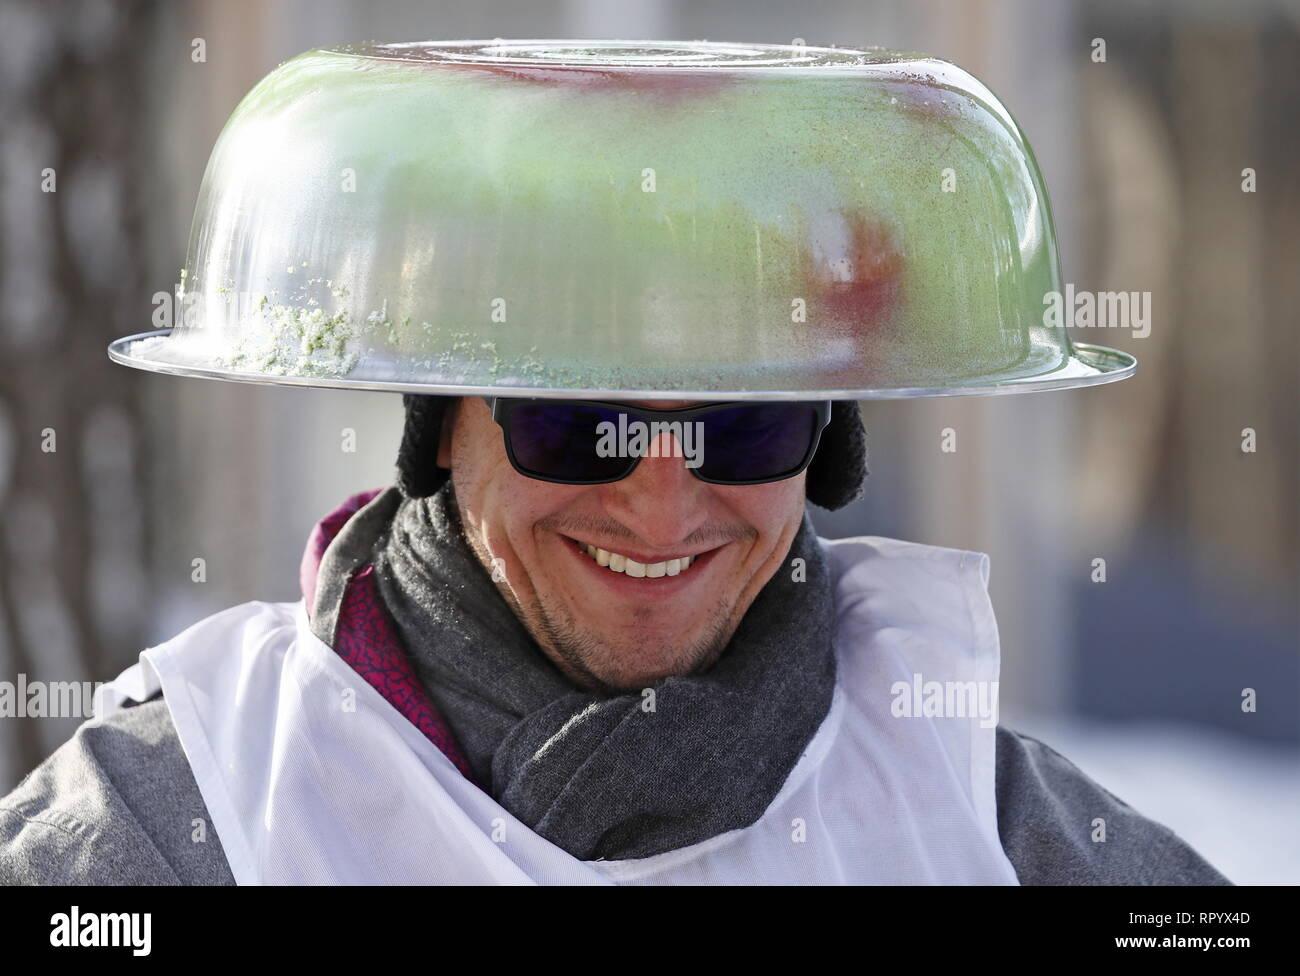 Mosca, Russia. Il 23 febbraio, 2019. Mosca, Russia - 23 febbraio 2019: Un partecipante nella battaglia Sani creative sledge festival di Mosca. Artyom Geodakyan/TASS Credito: ITAR-TASS News Agency/Alamy Live News Foto Stock